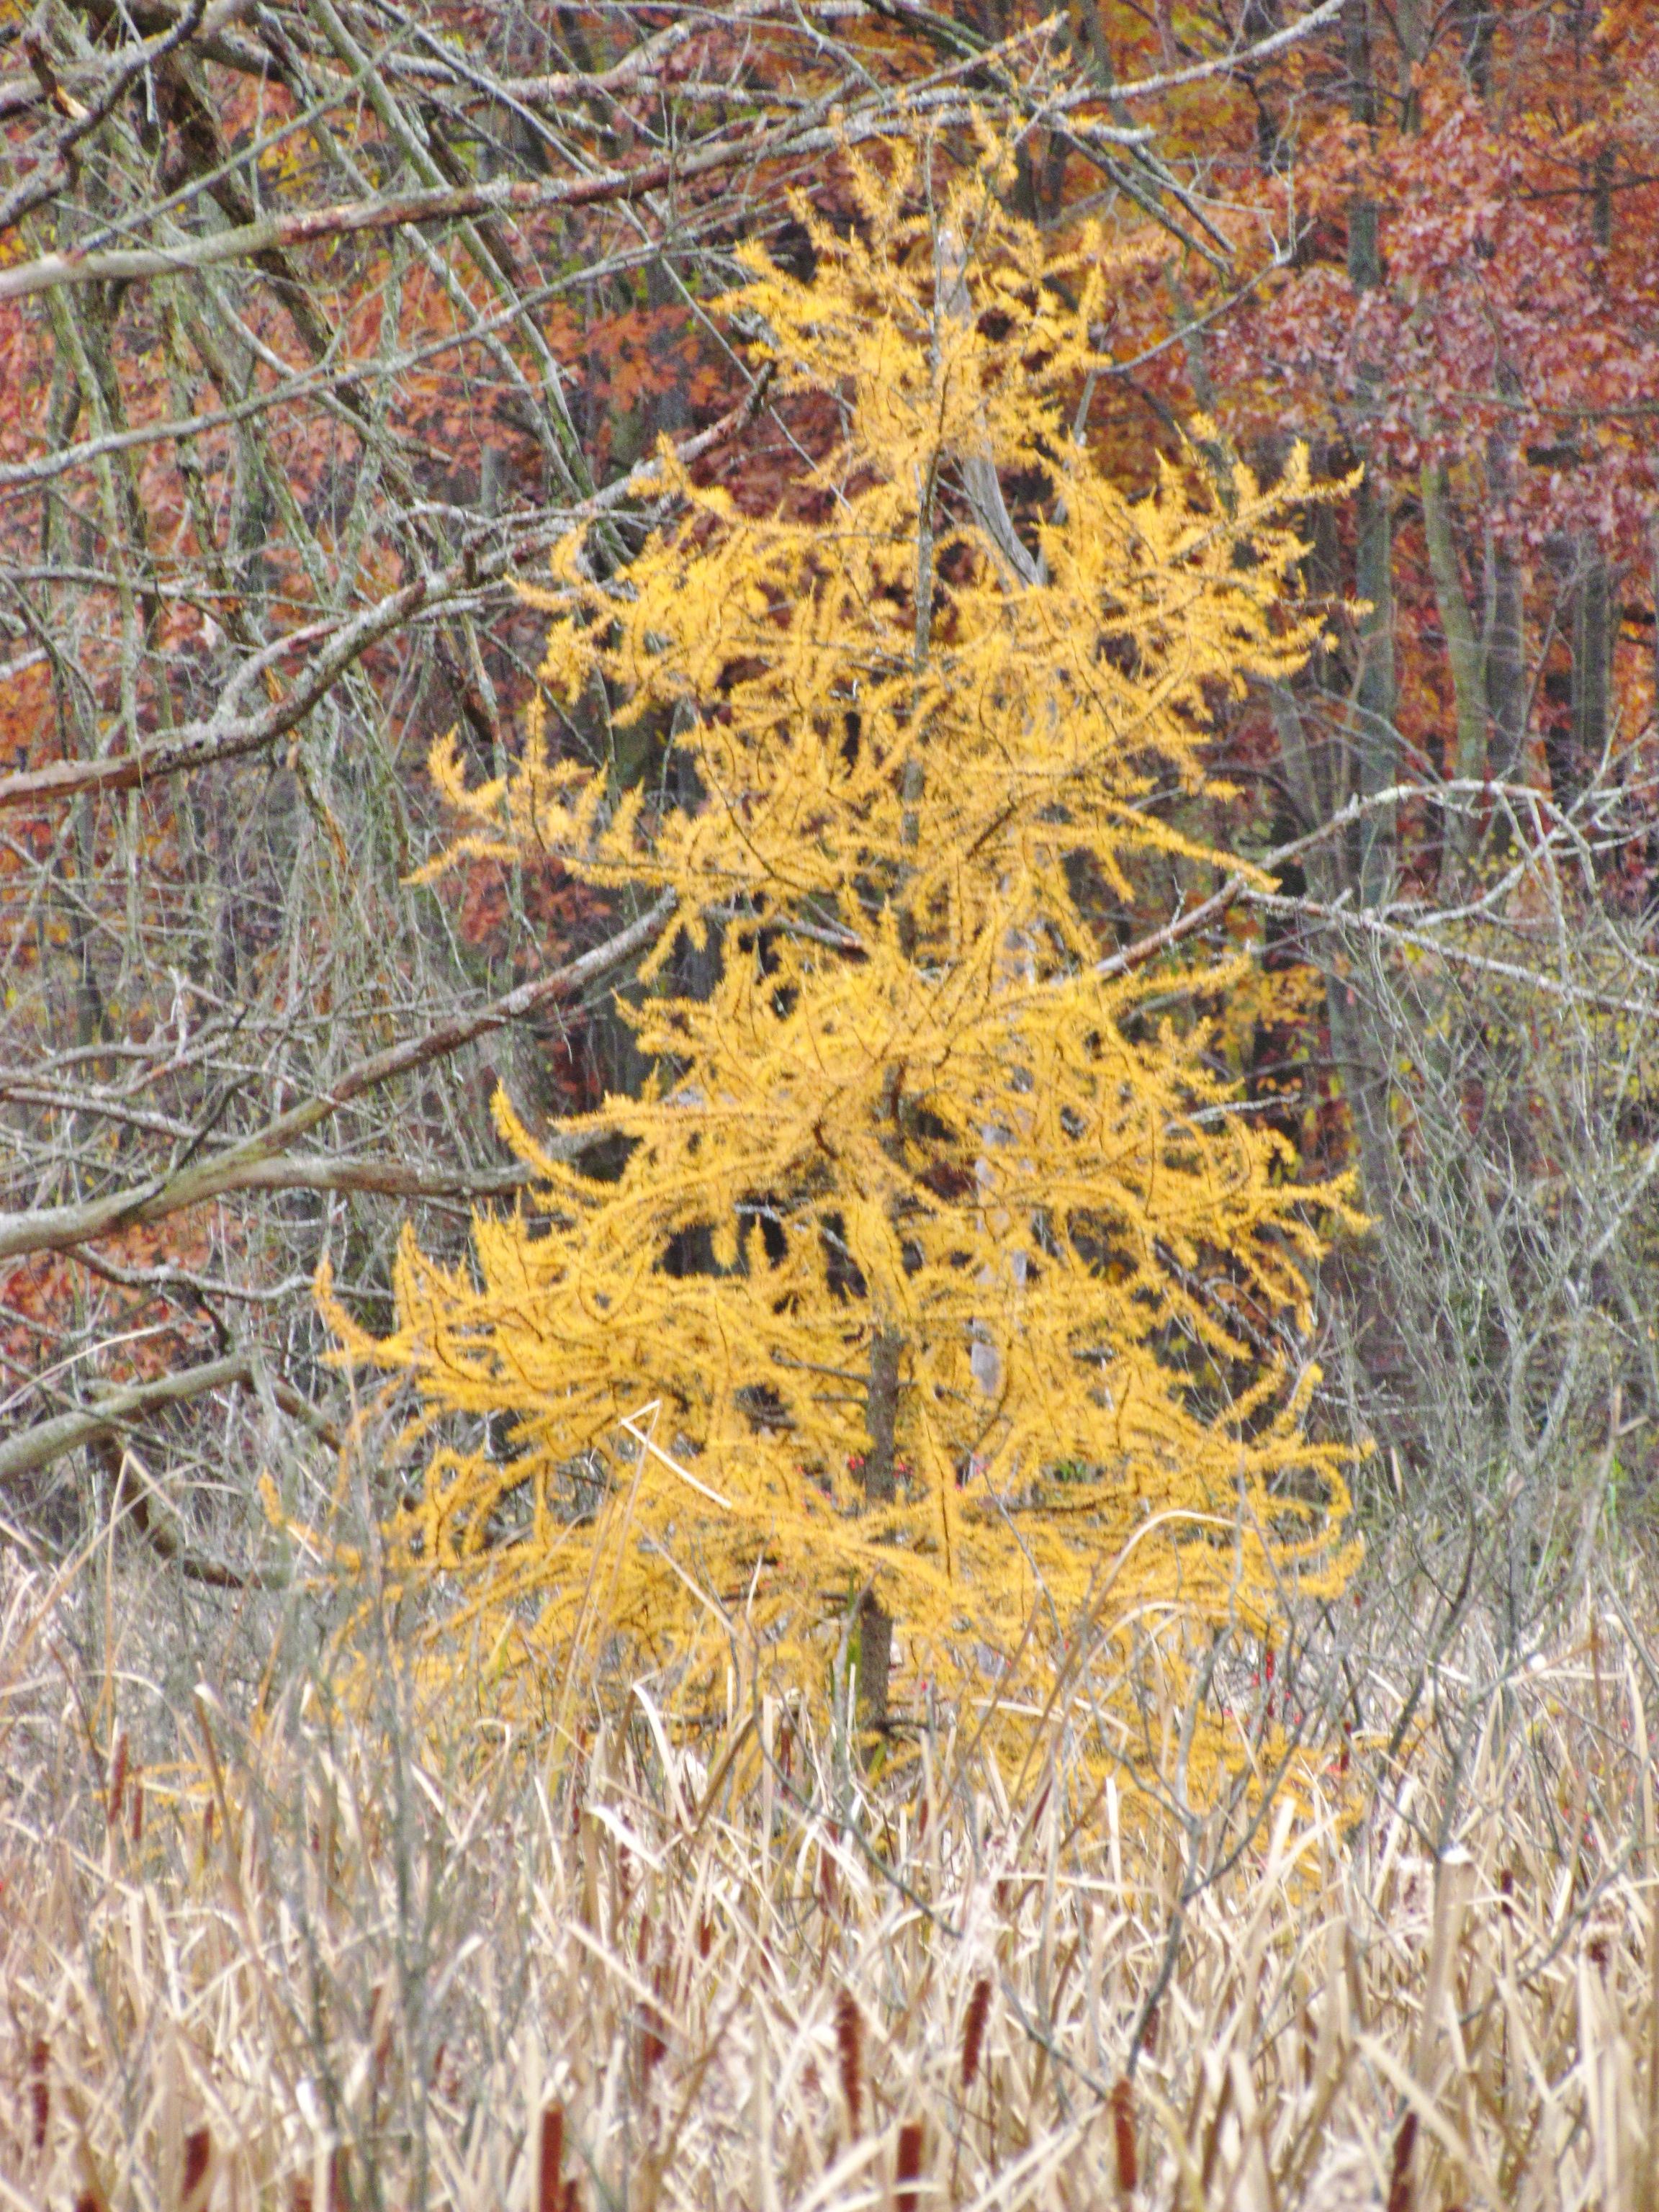 yellow tamarack tree